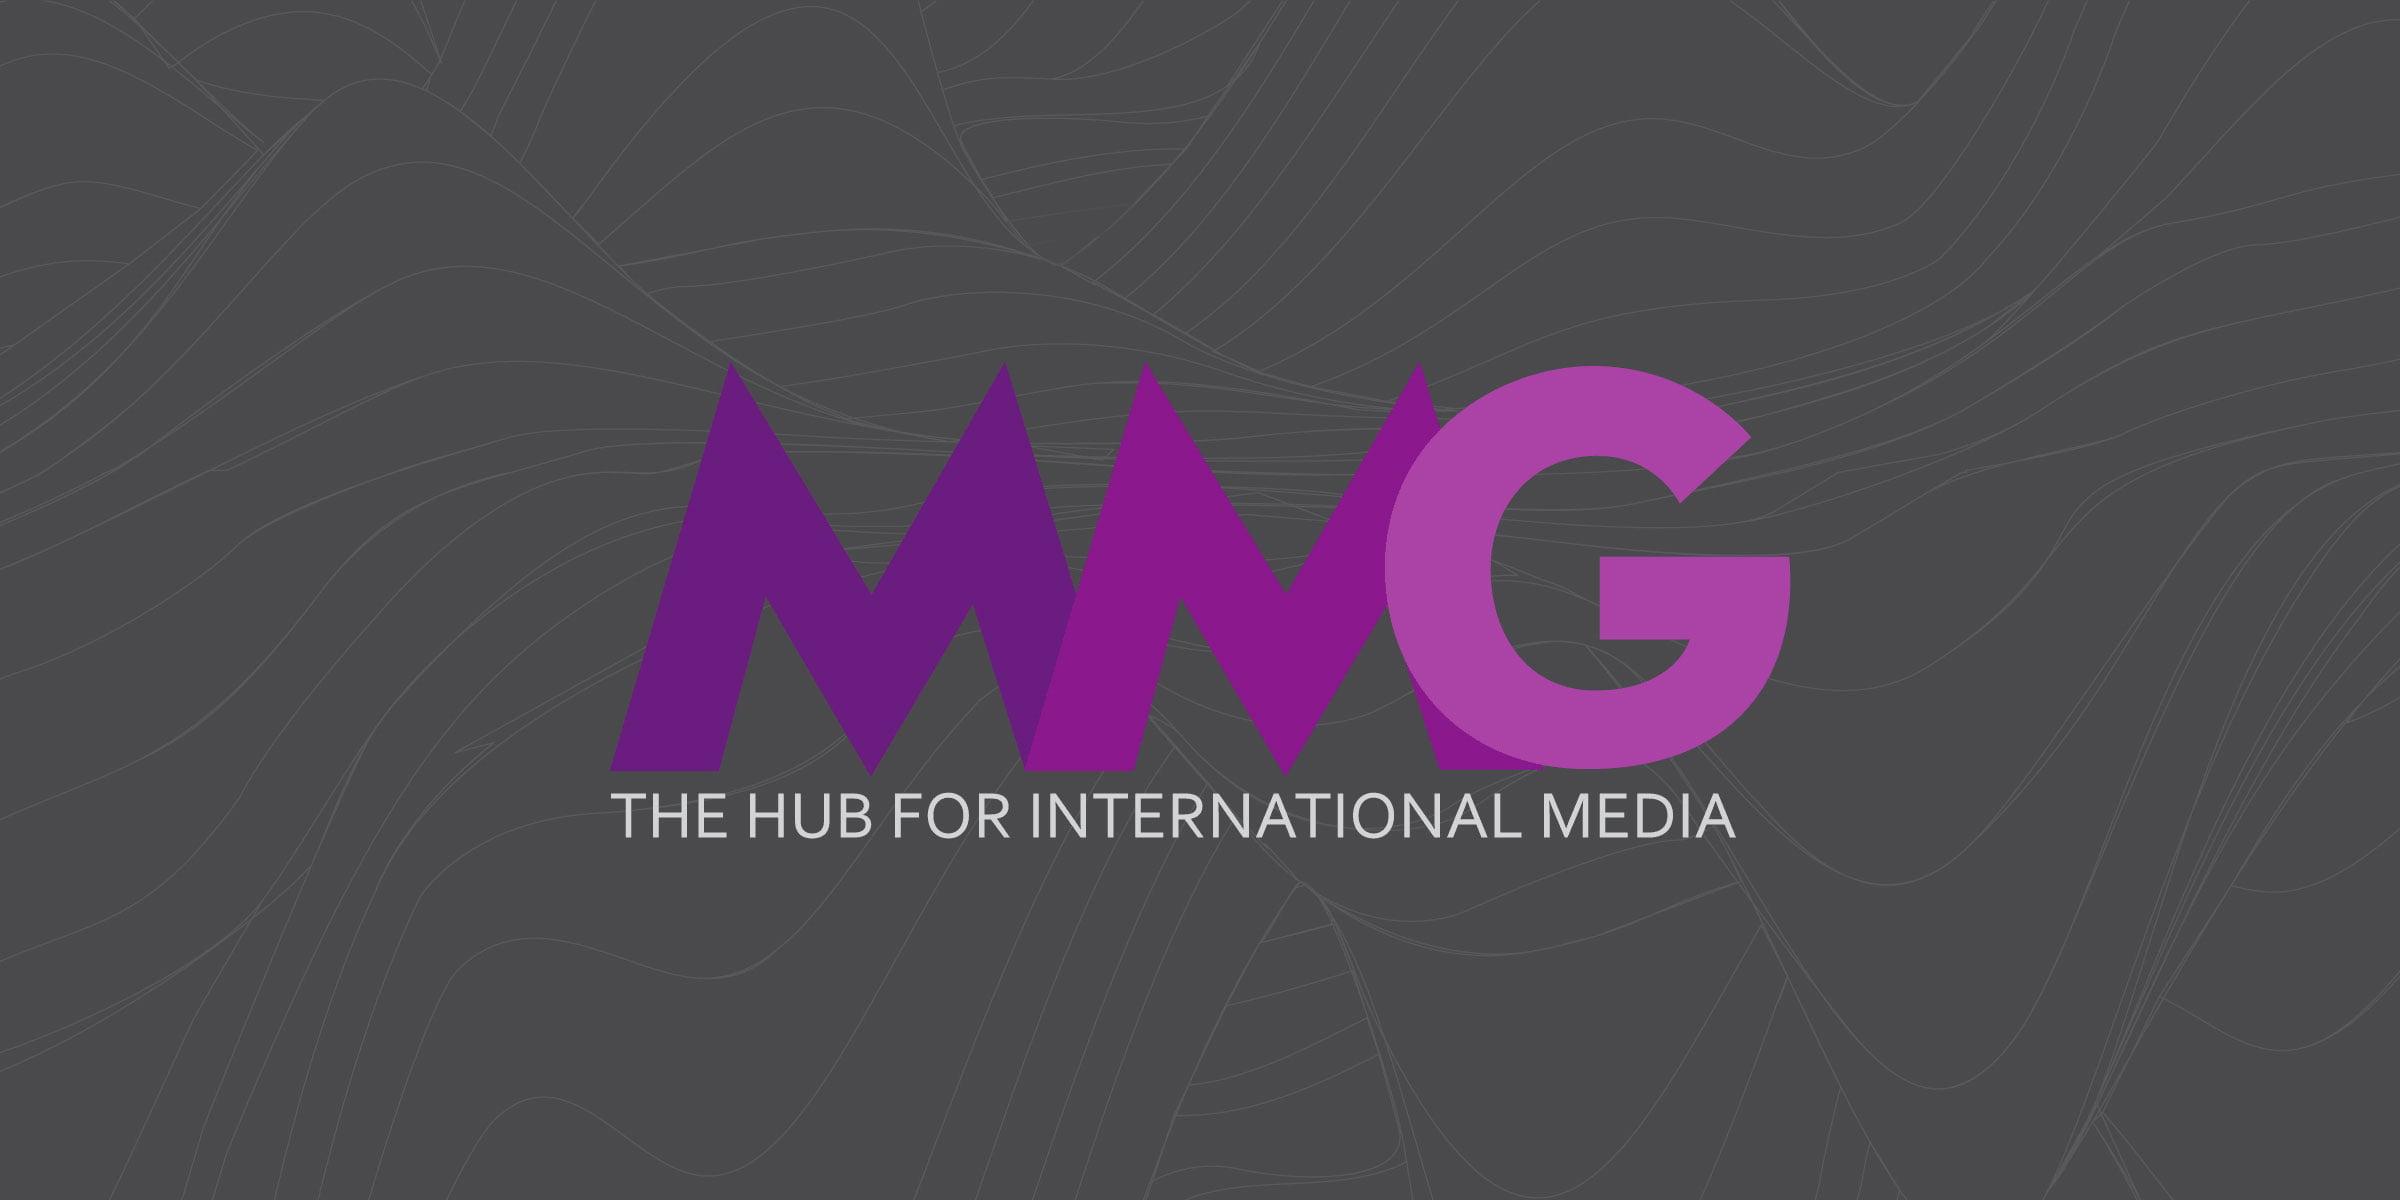 حوار(M&M Global) مع مديرنا الإبداعي، دكتور دامون مير، عن الدعاية والتسويق في إيران